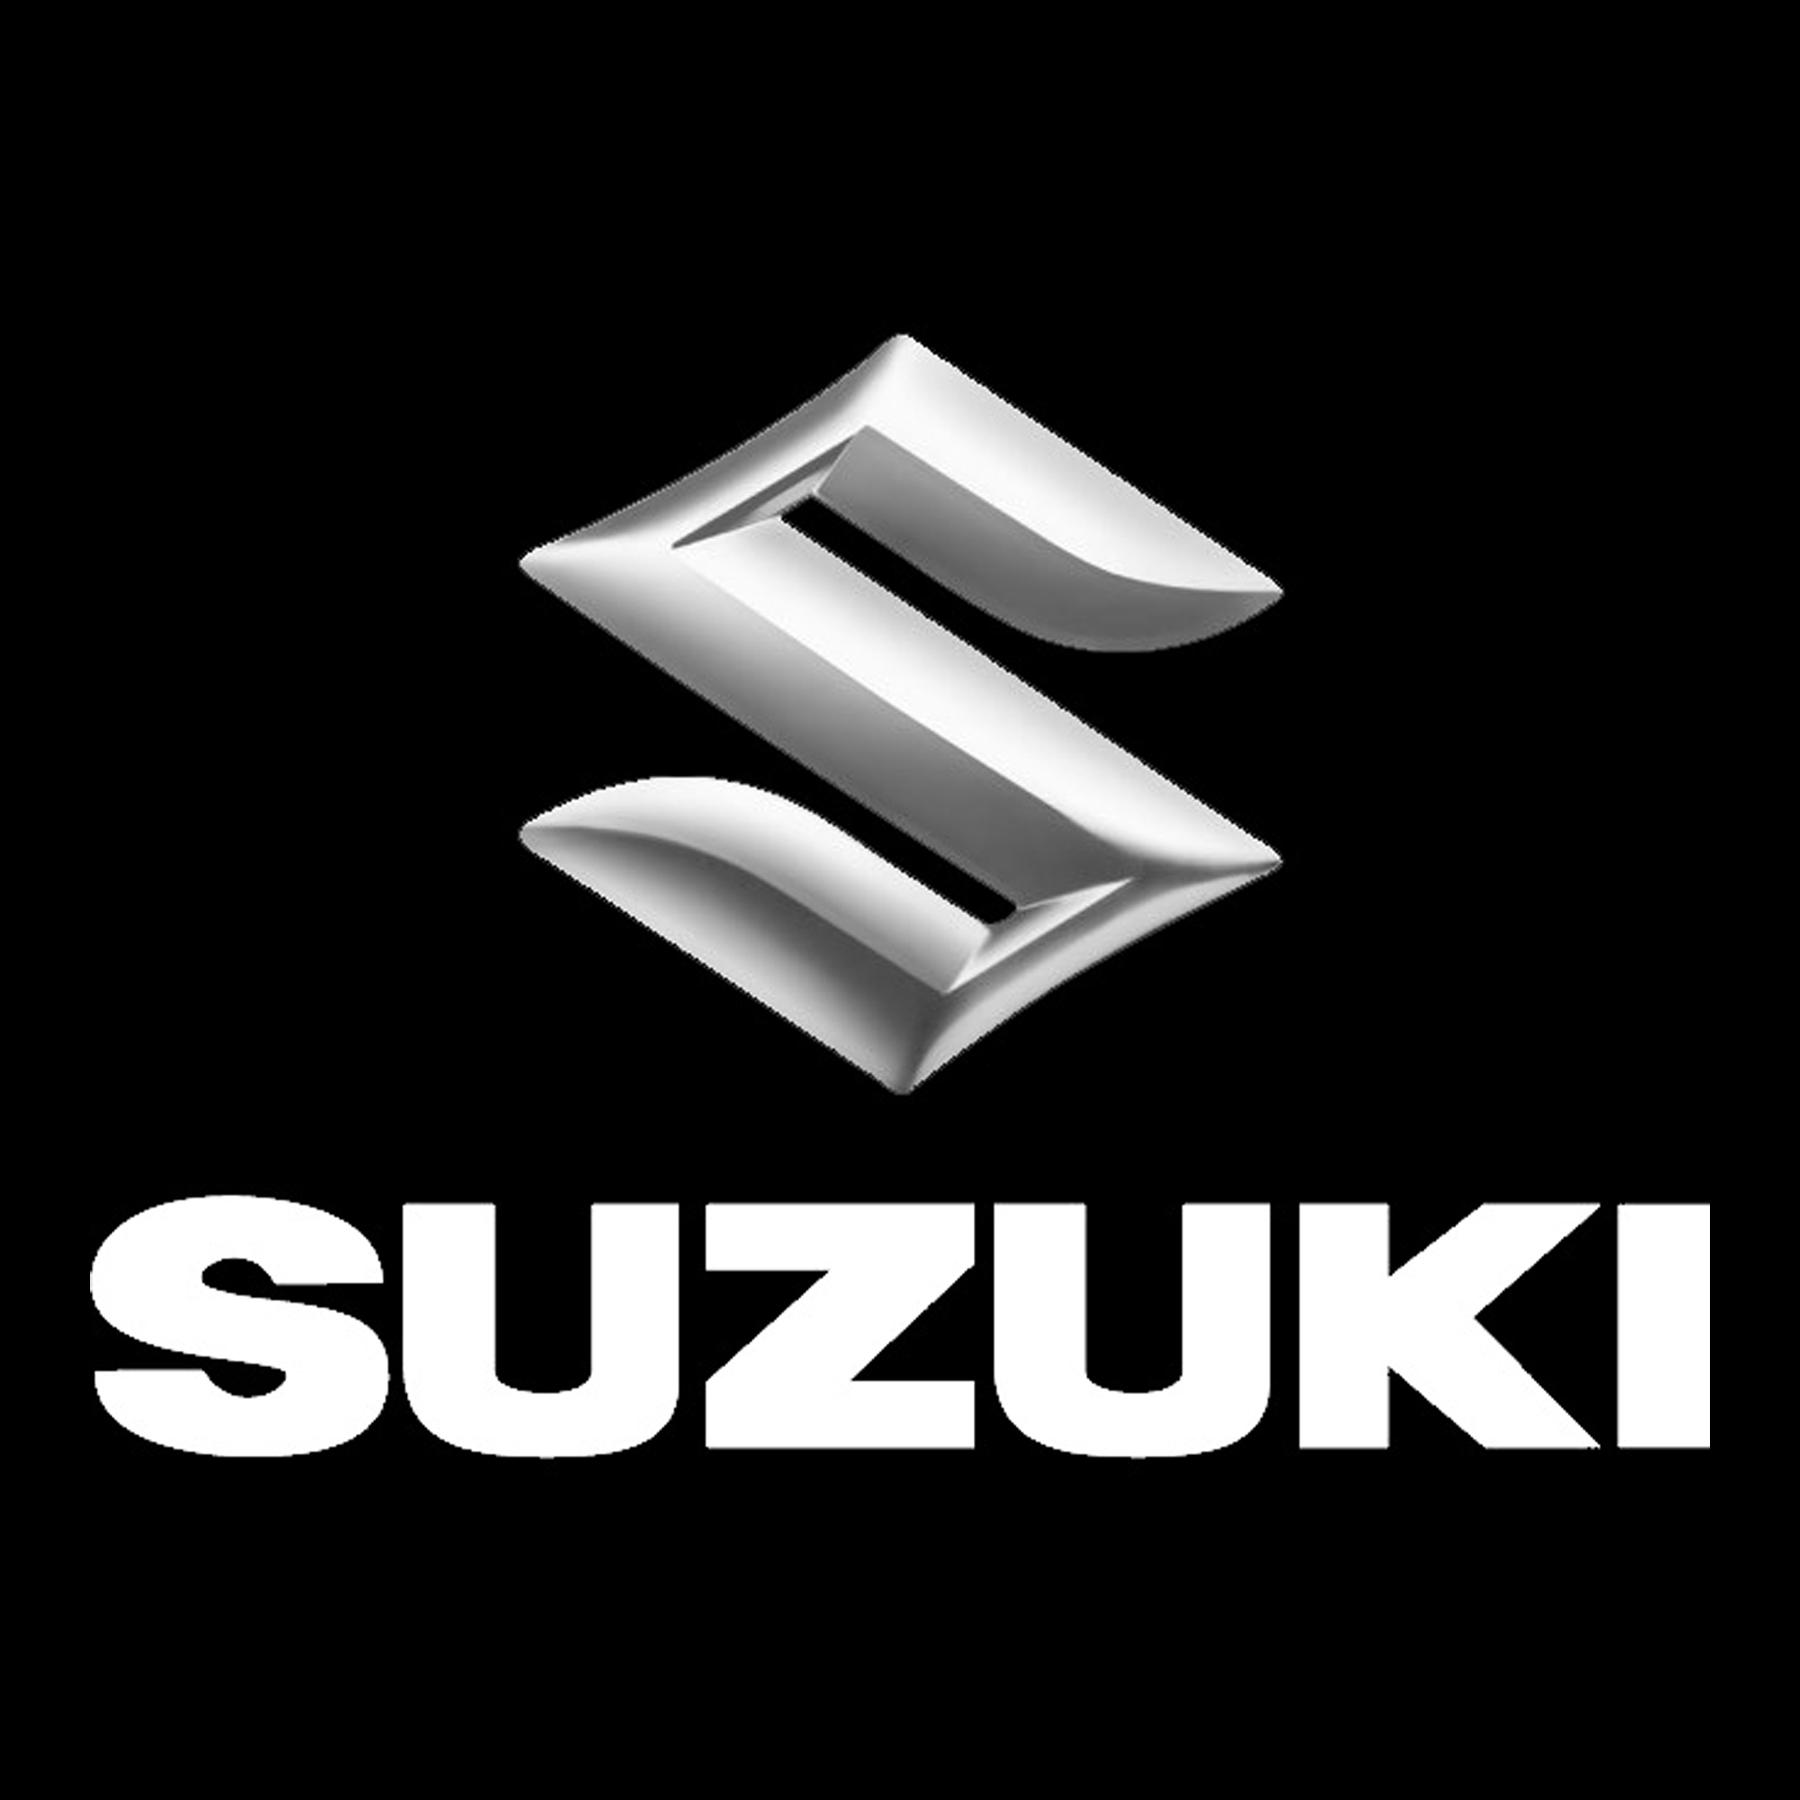 Suzuki In Japanese Writing